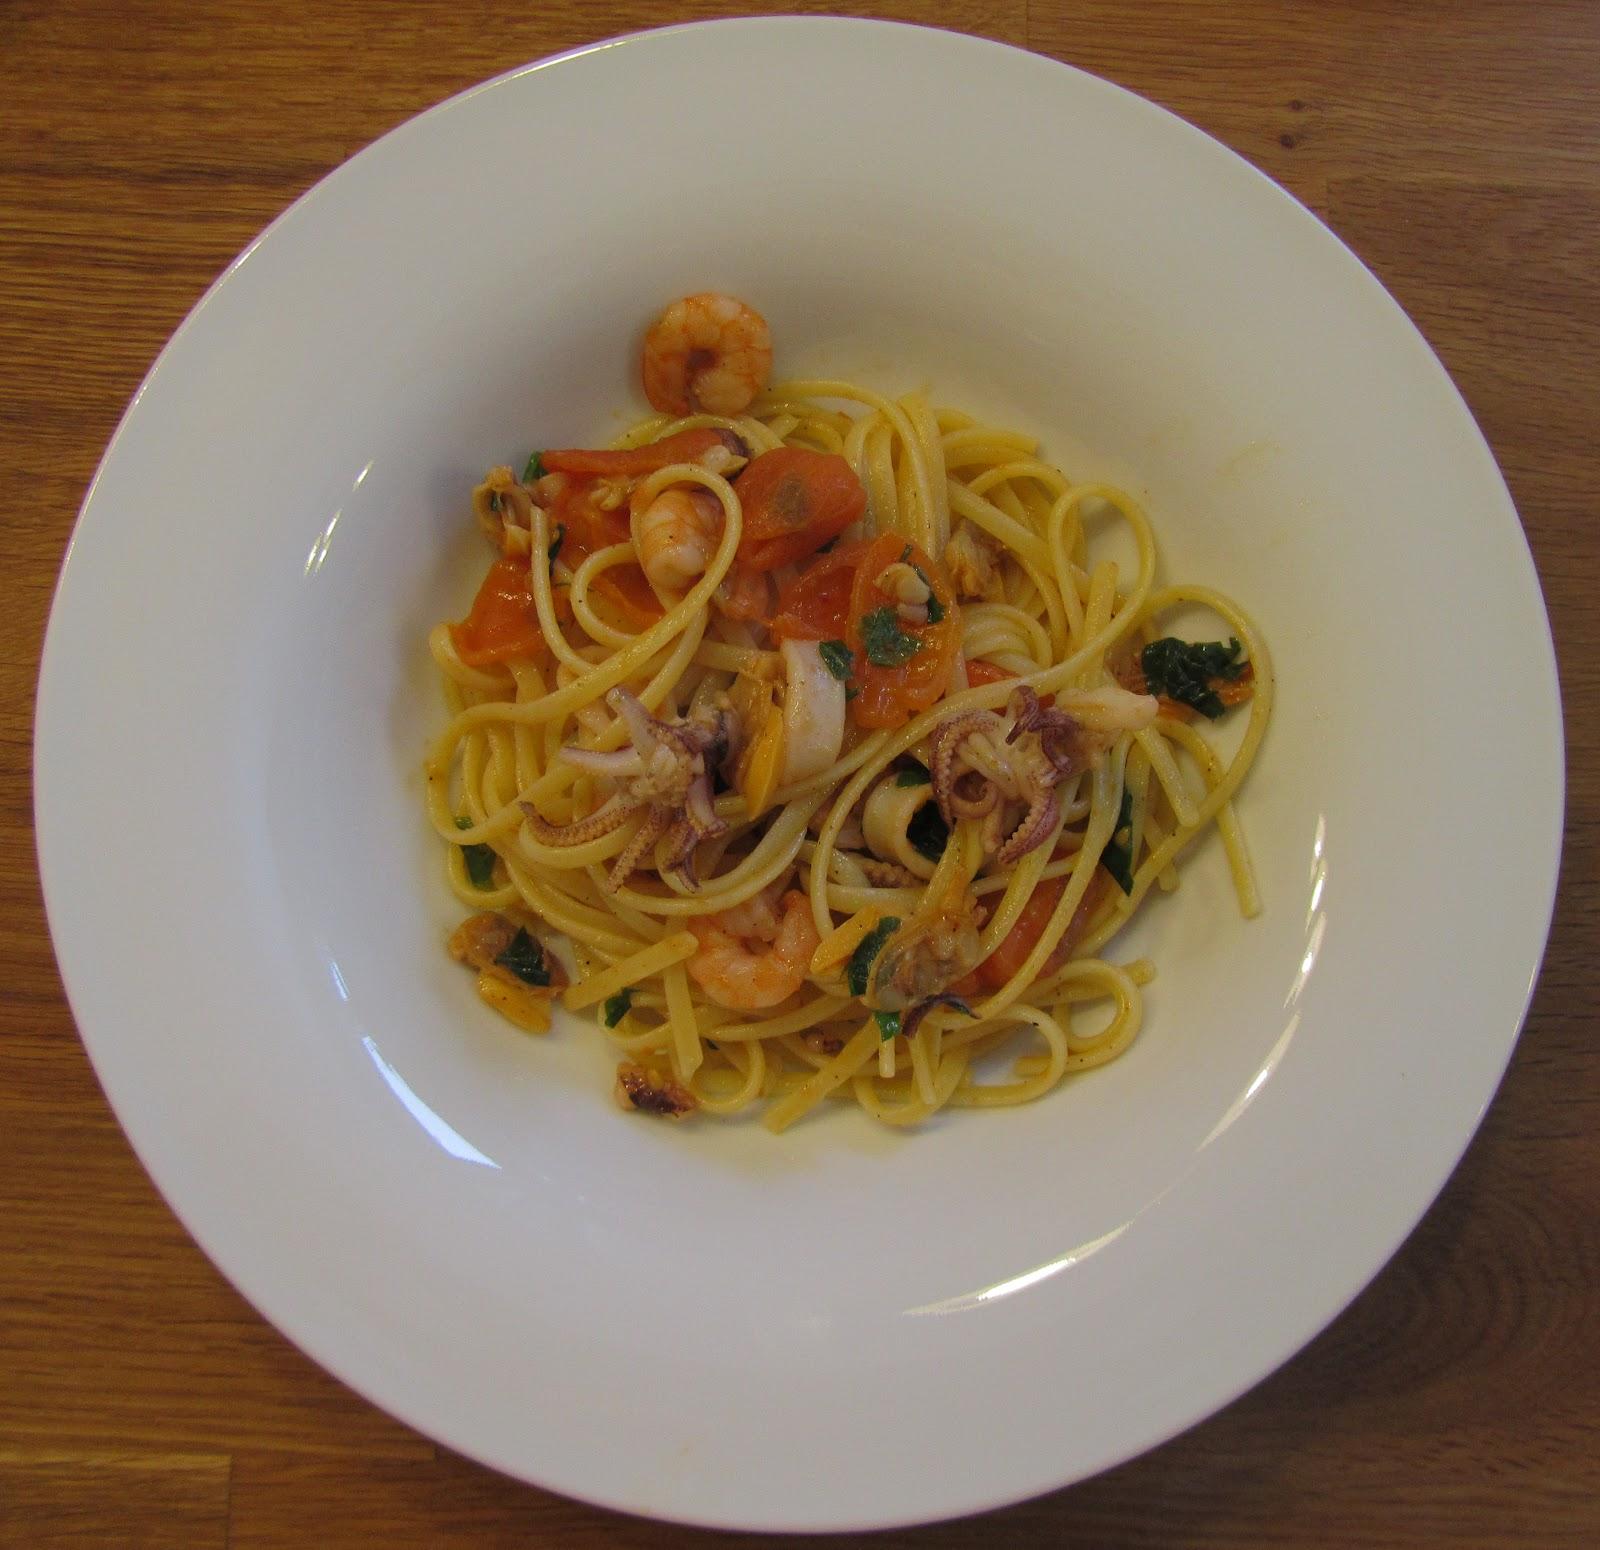 kochmaus spaghetti mit meeresfr chten spaghetti allo scoglio. Black Bedroom Furniture Sets. Home Design Ideas